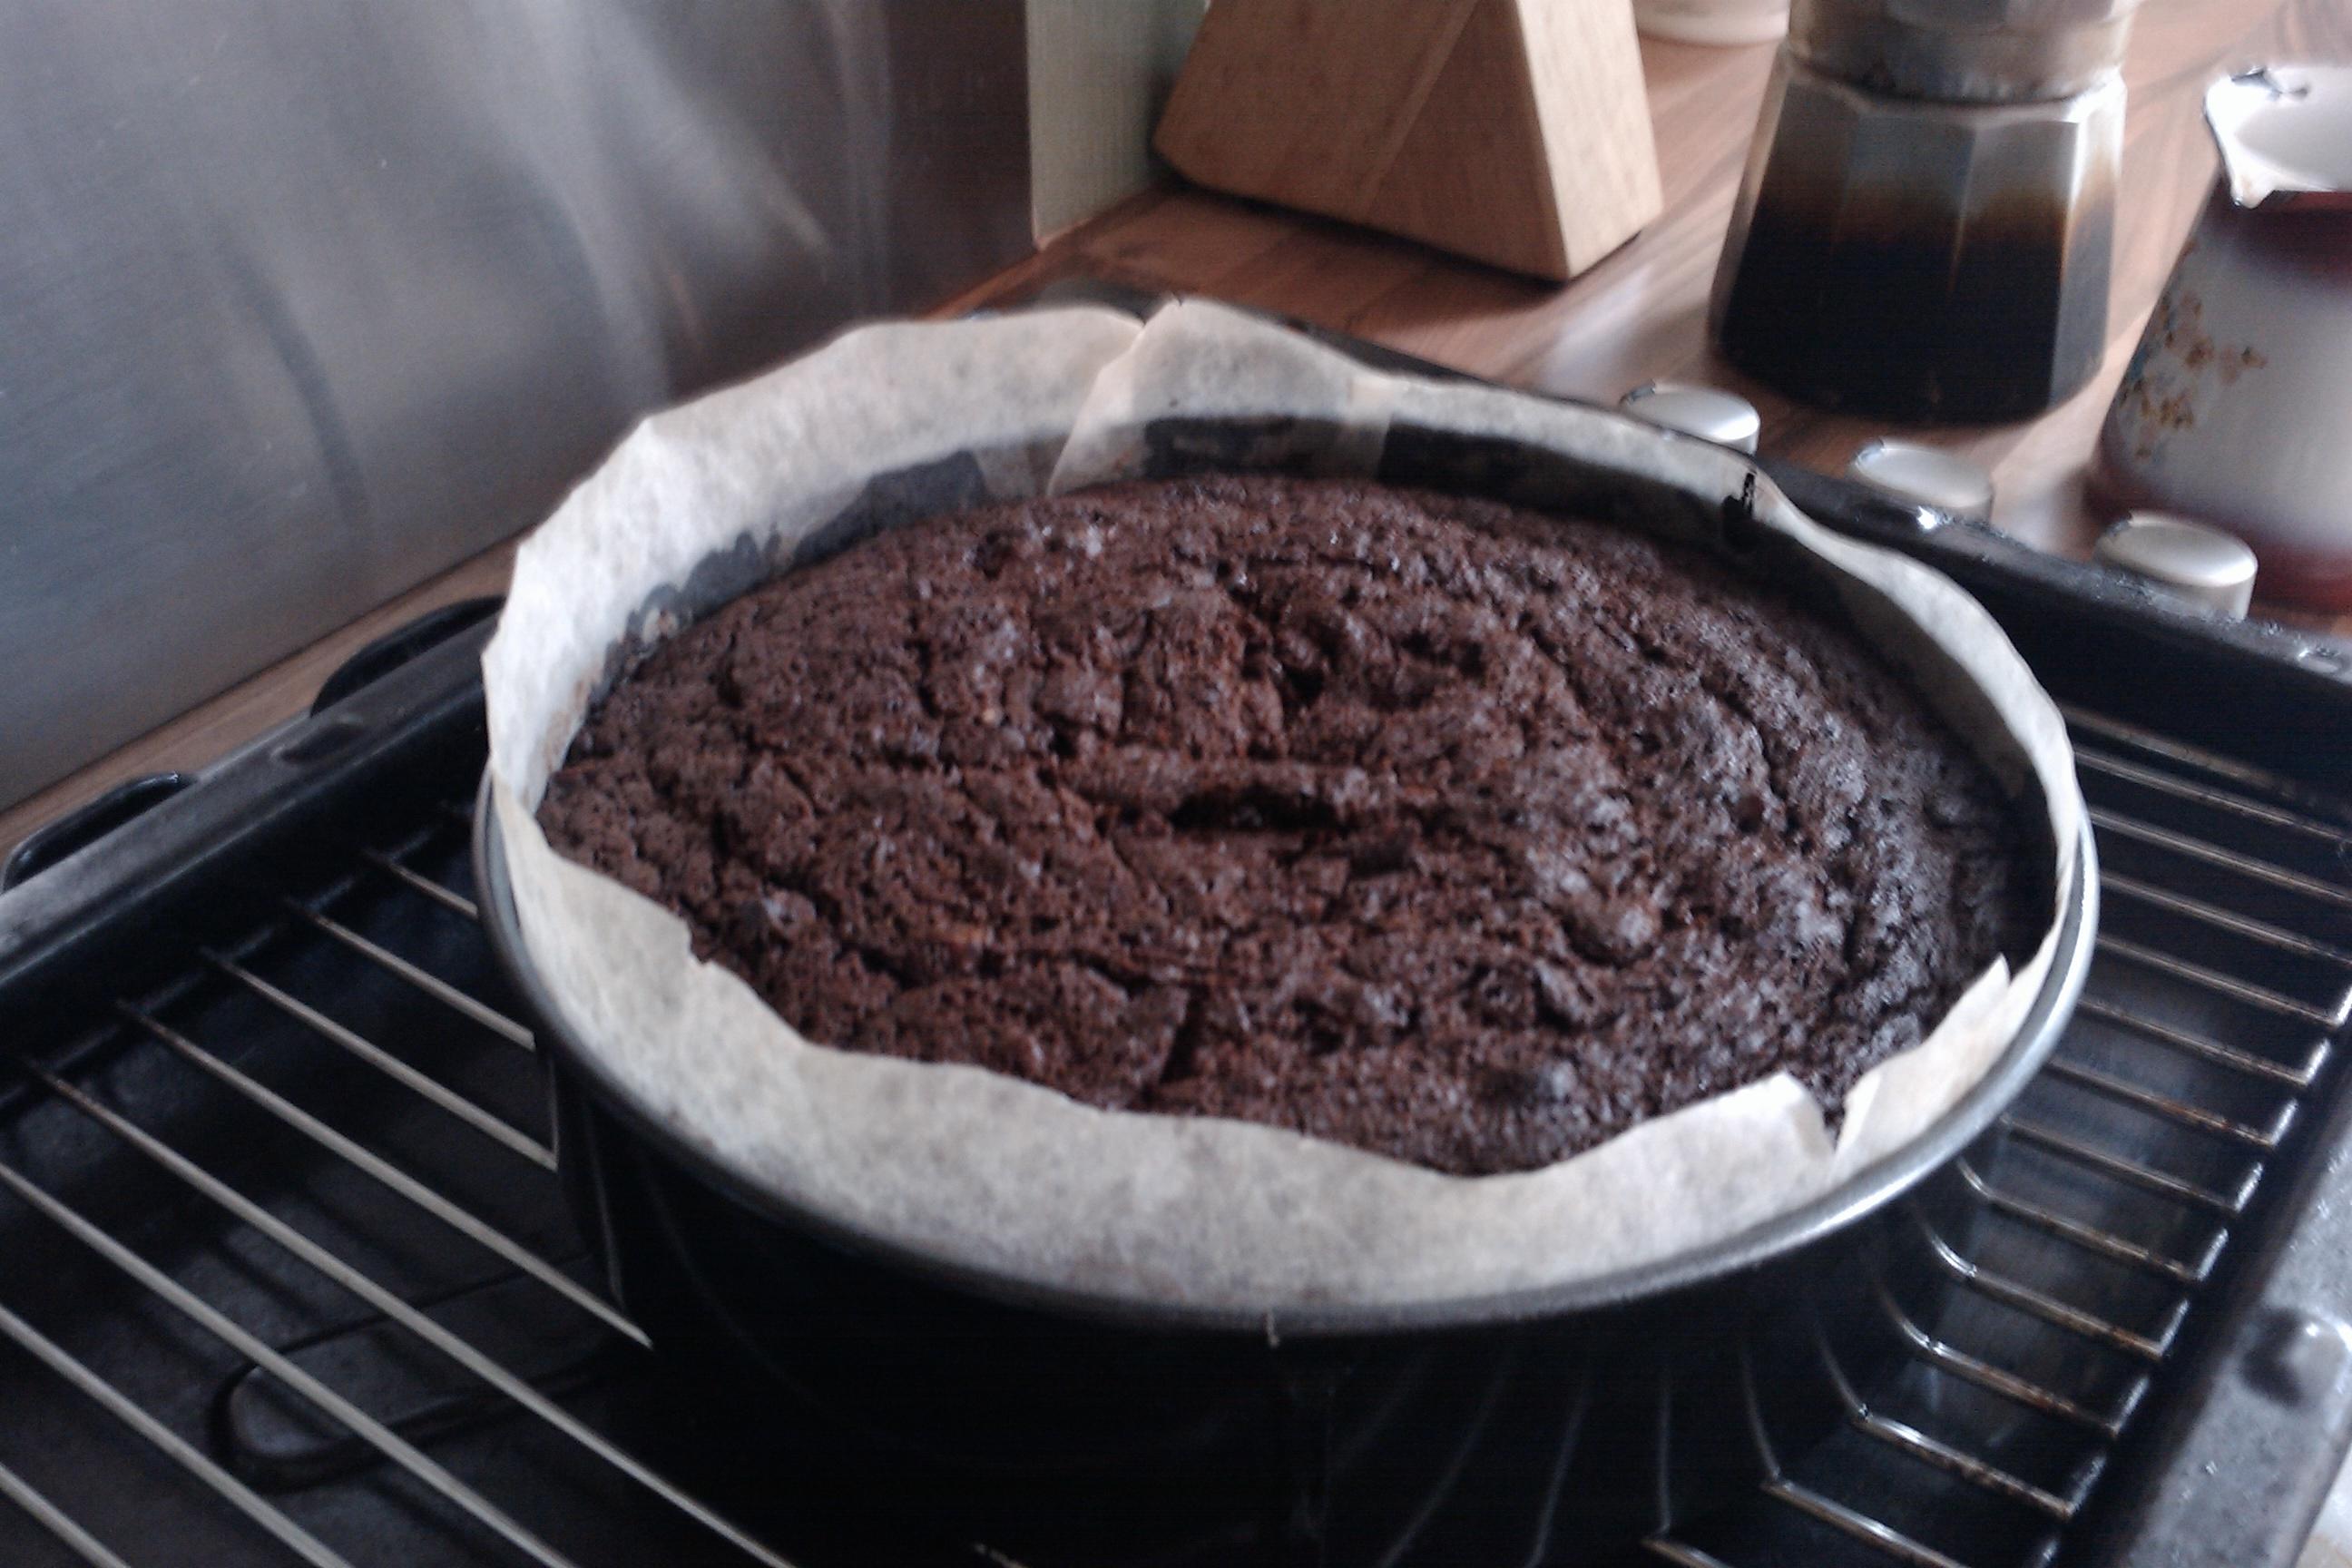 Cake cooling in cake tin